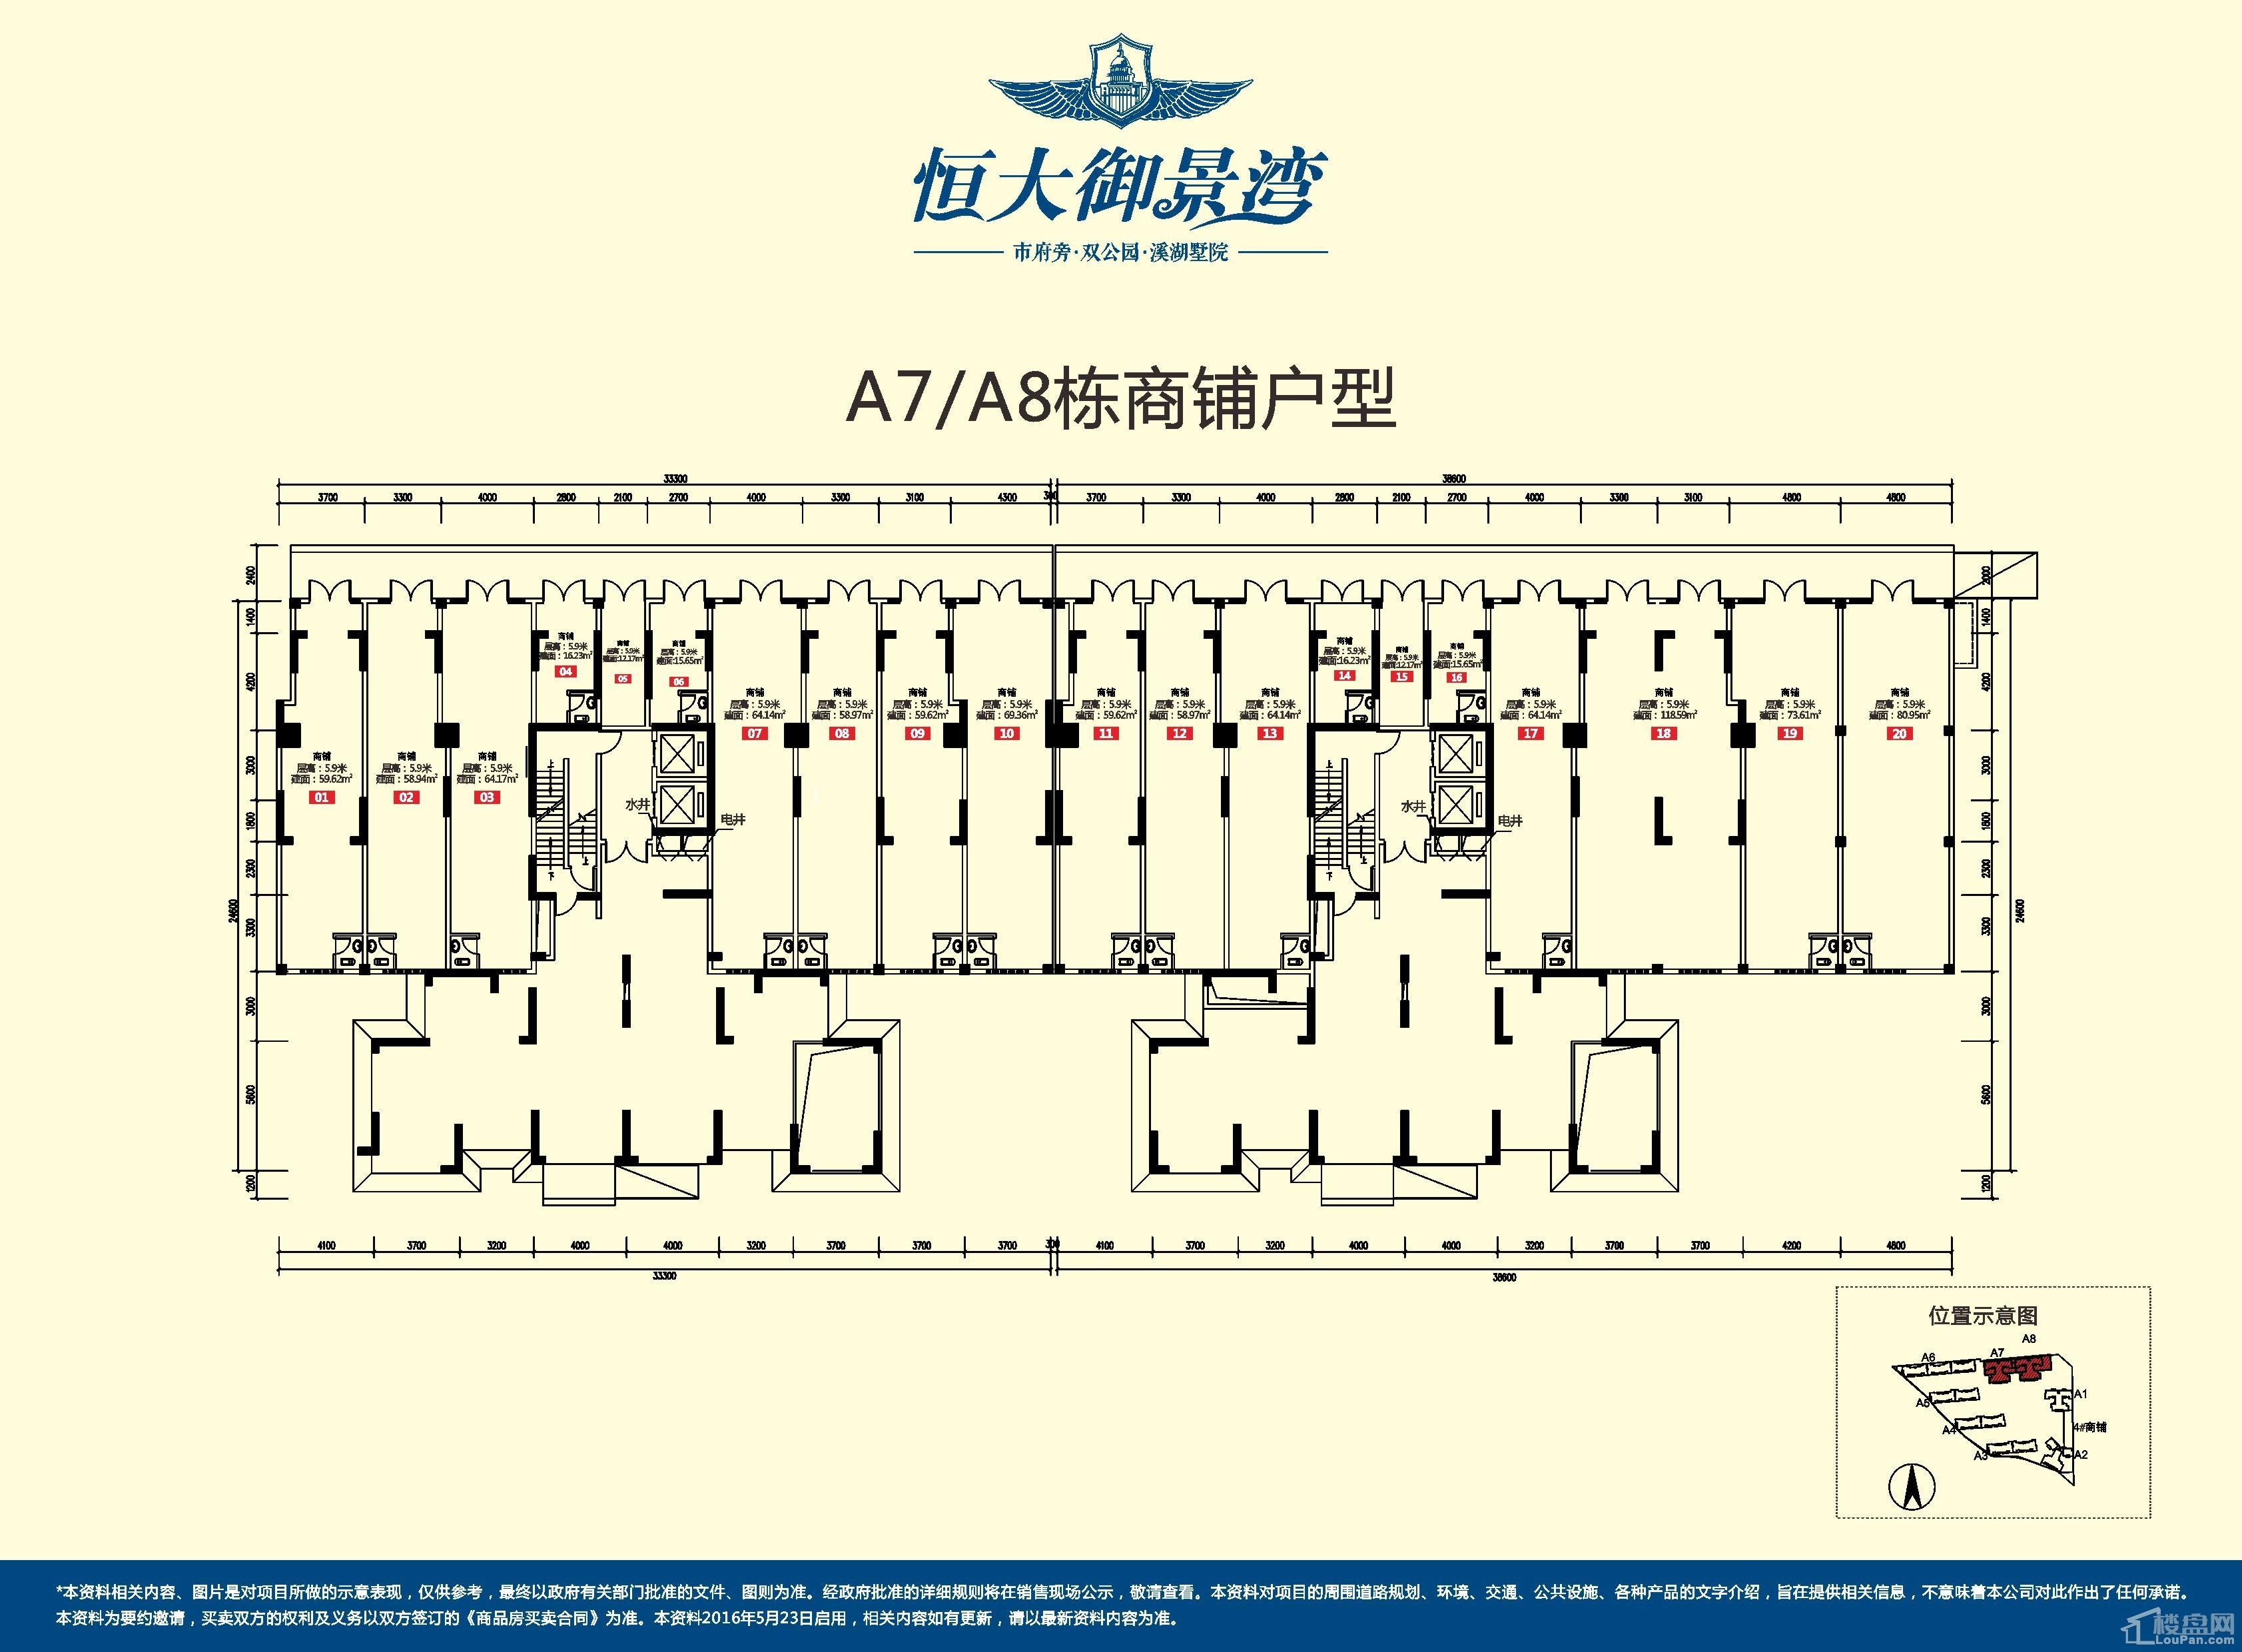 A7/A8商铺户型图